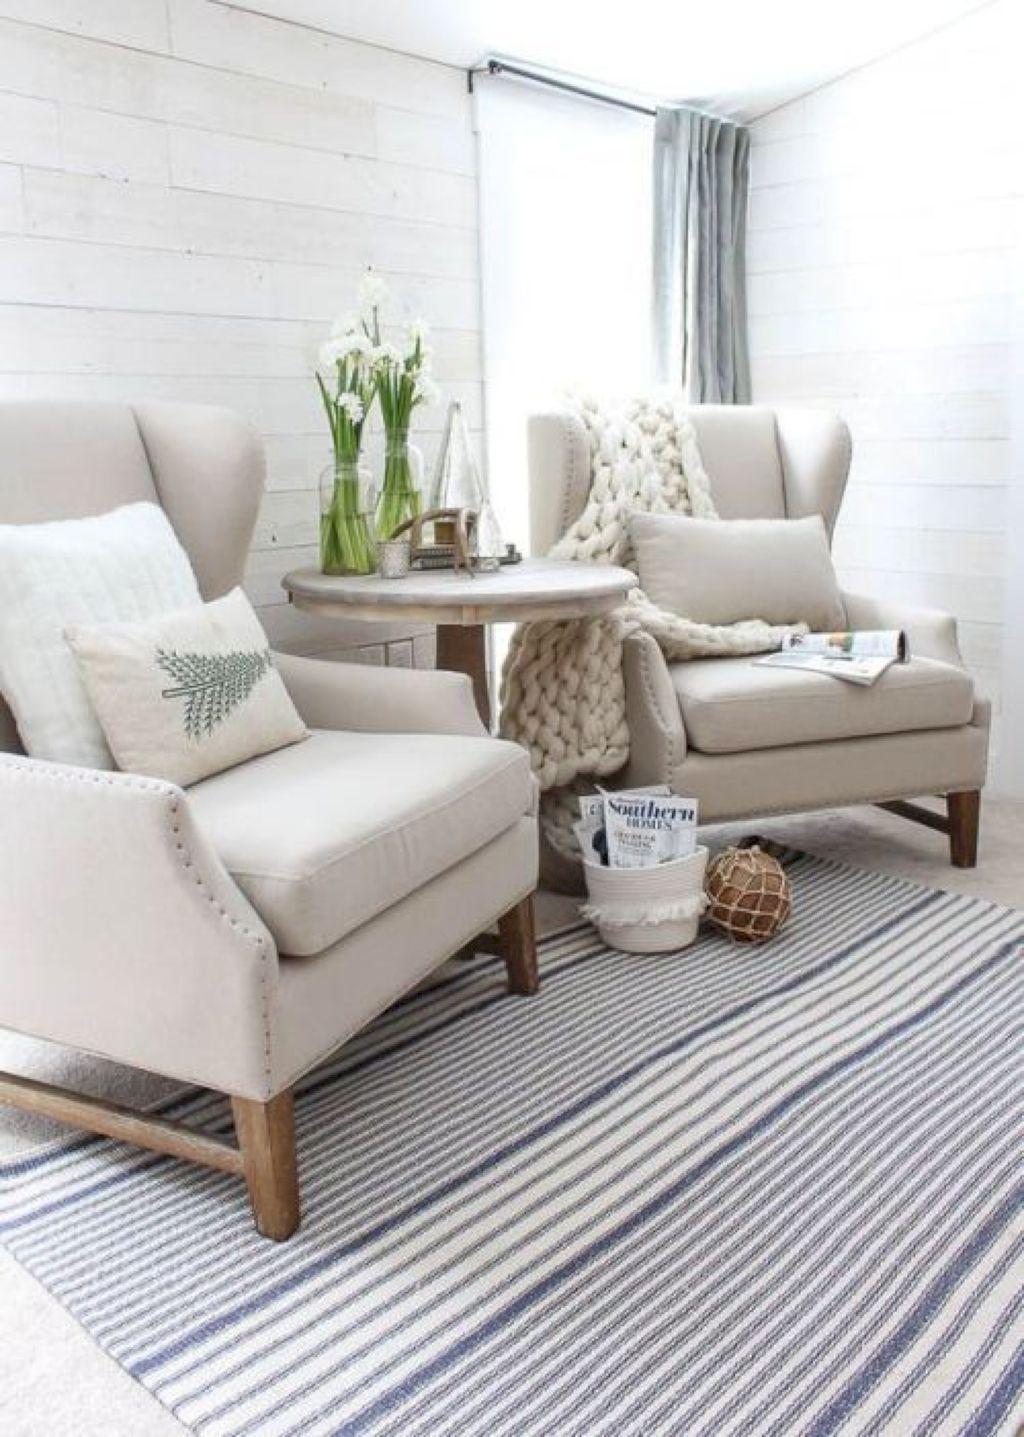 45 Comfy Coastal Living Room Decor And Design Ideas Magnificent Coastal Living Room Designs Decorating Inspiration